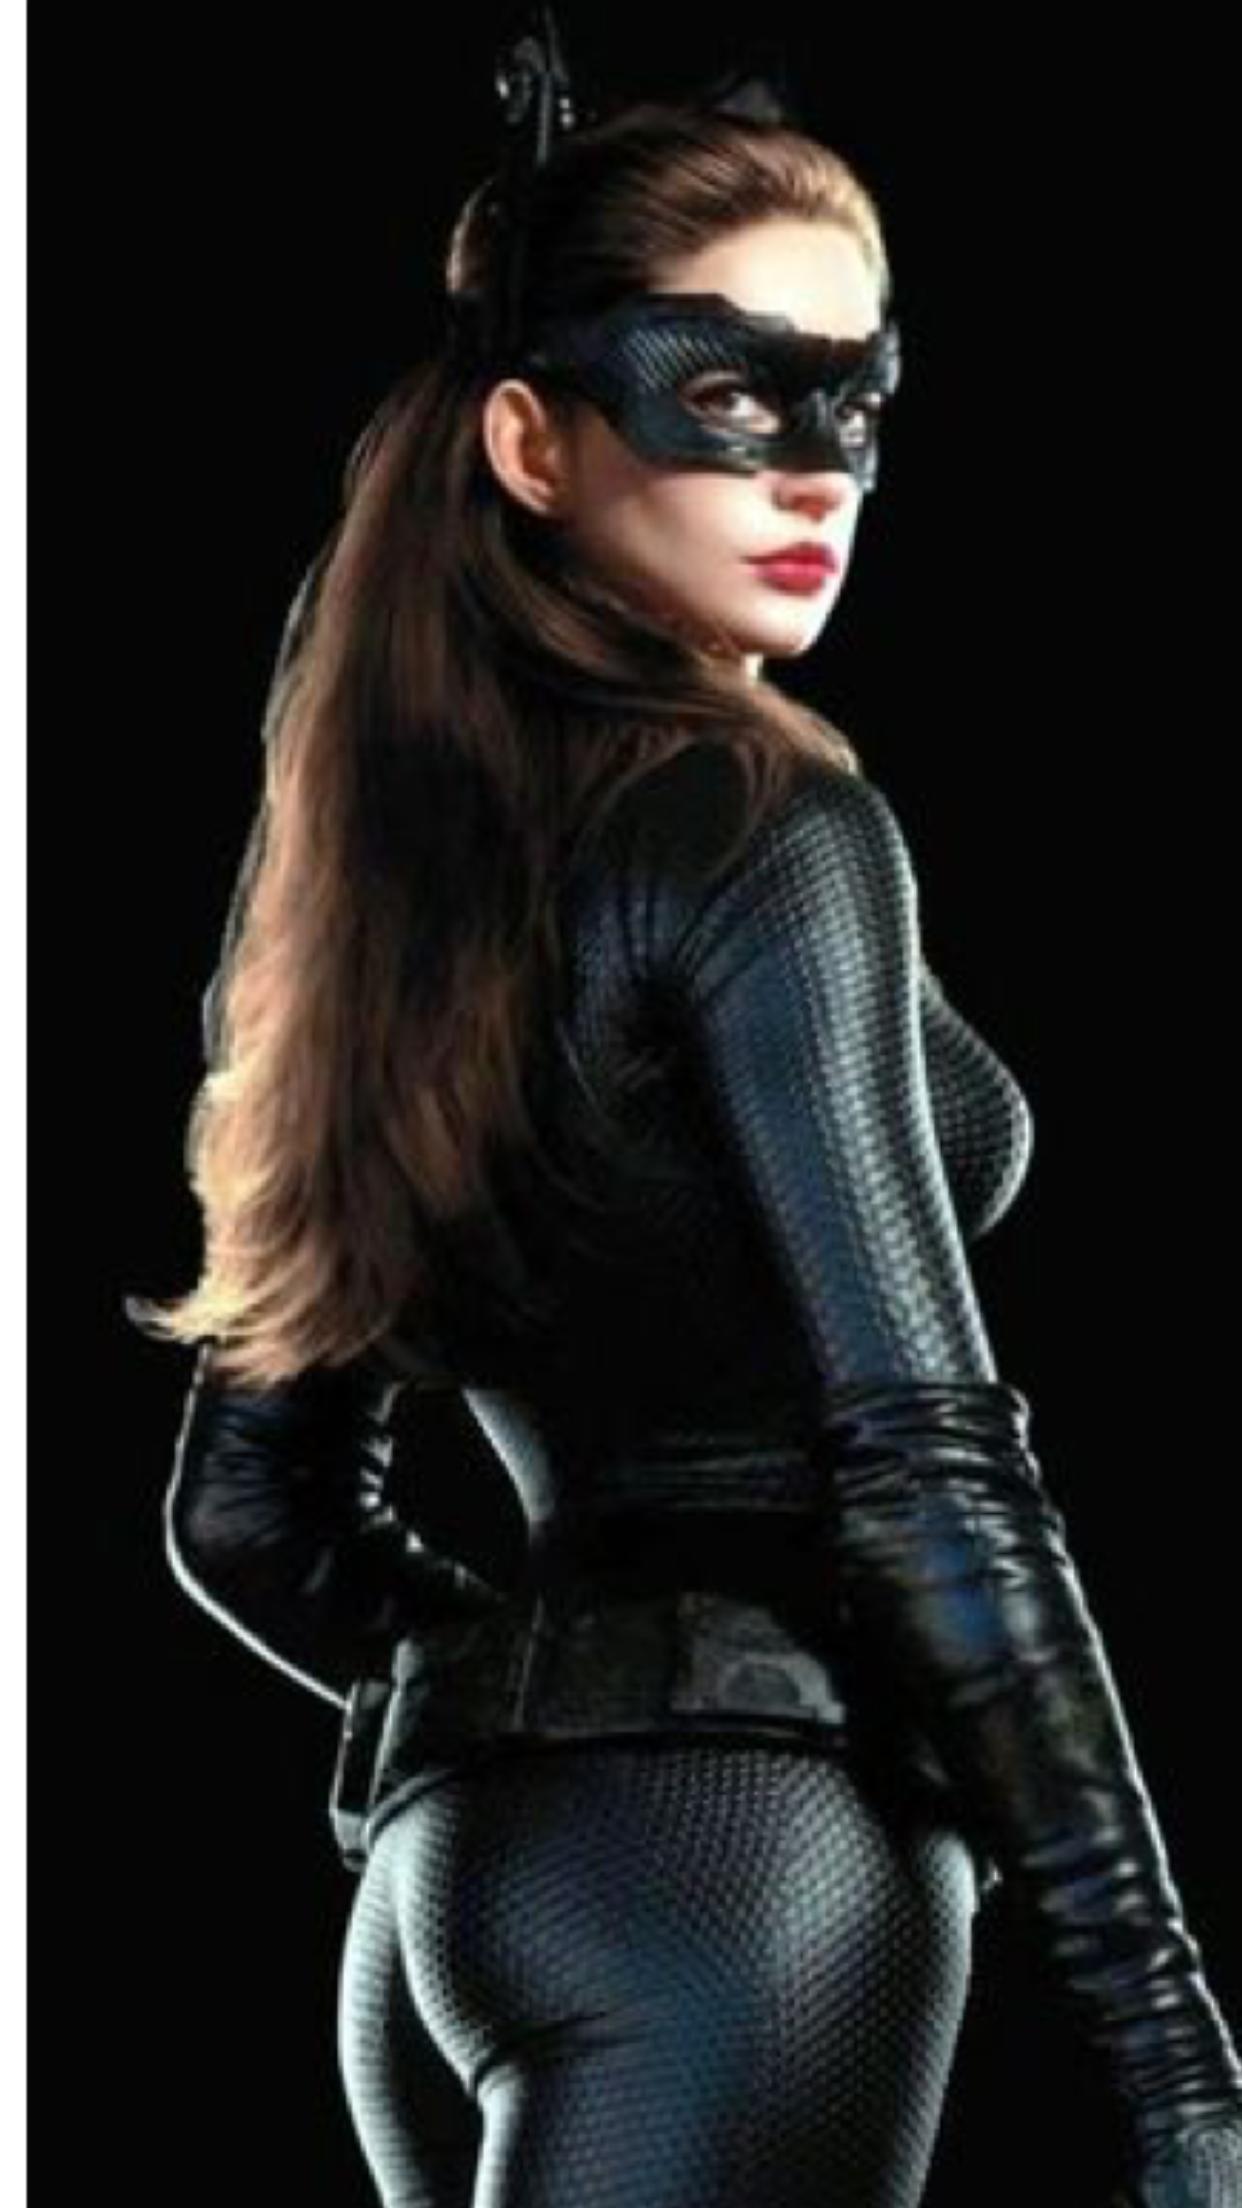 Batman Vs Catwoman 82af2e229a082a64159810f20edecb50